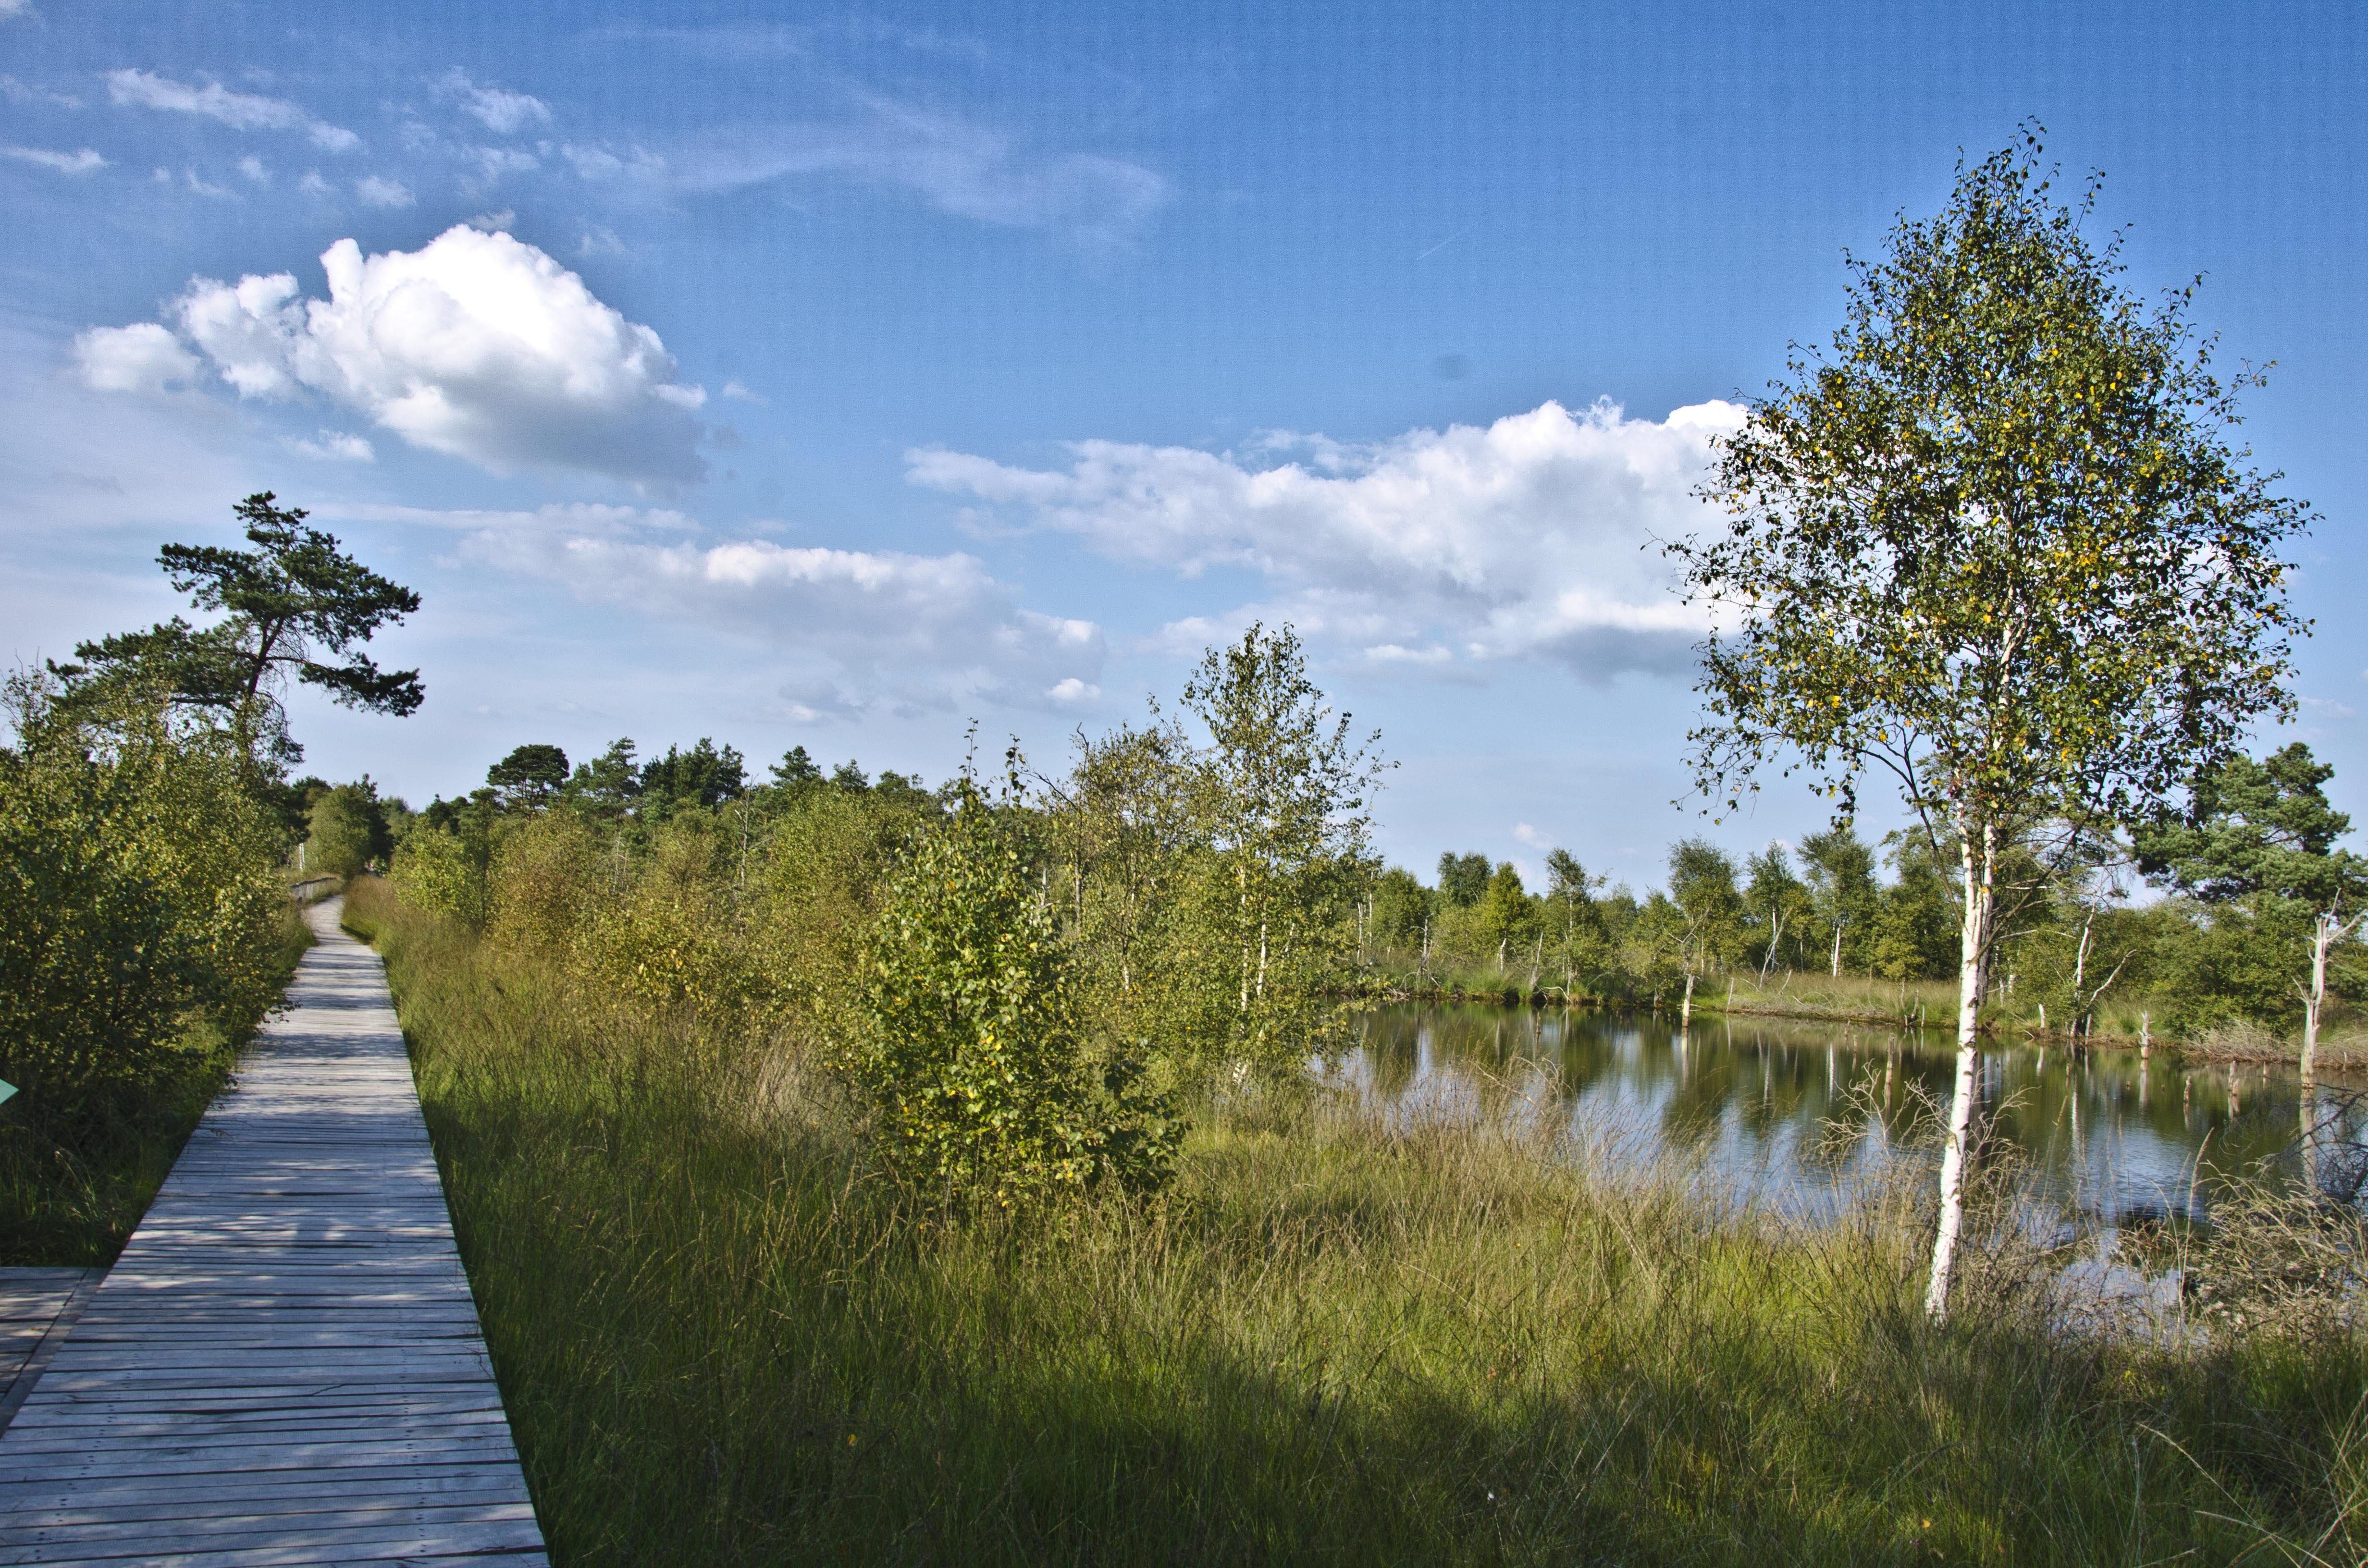 naturpark-lueneburger-heide-pietzmoor